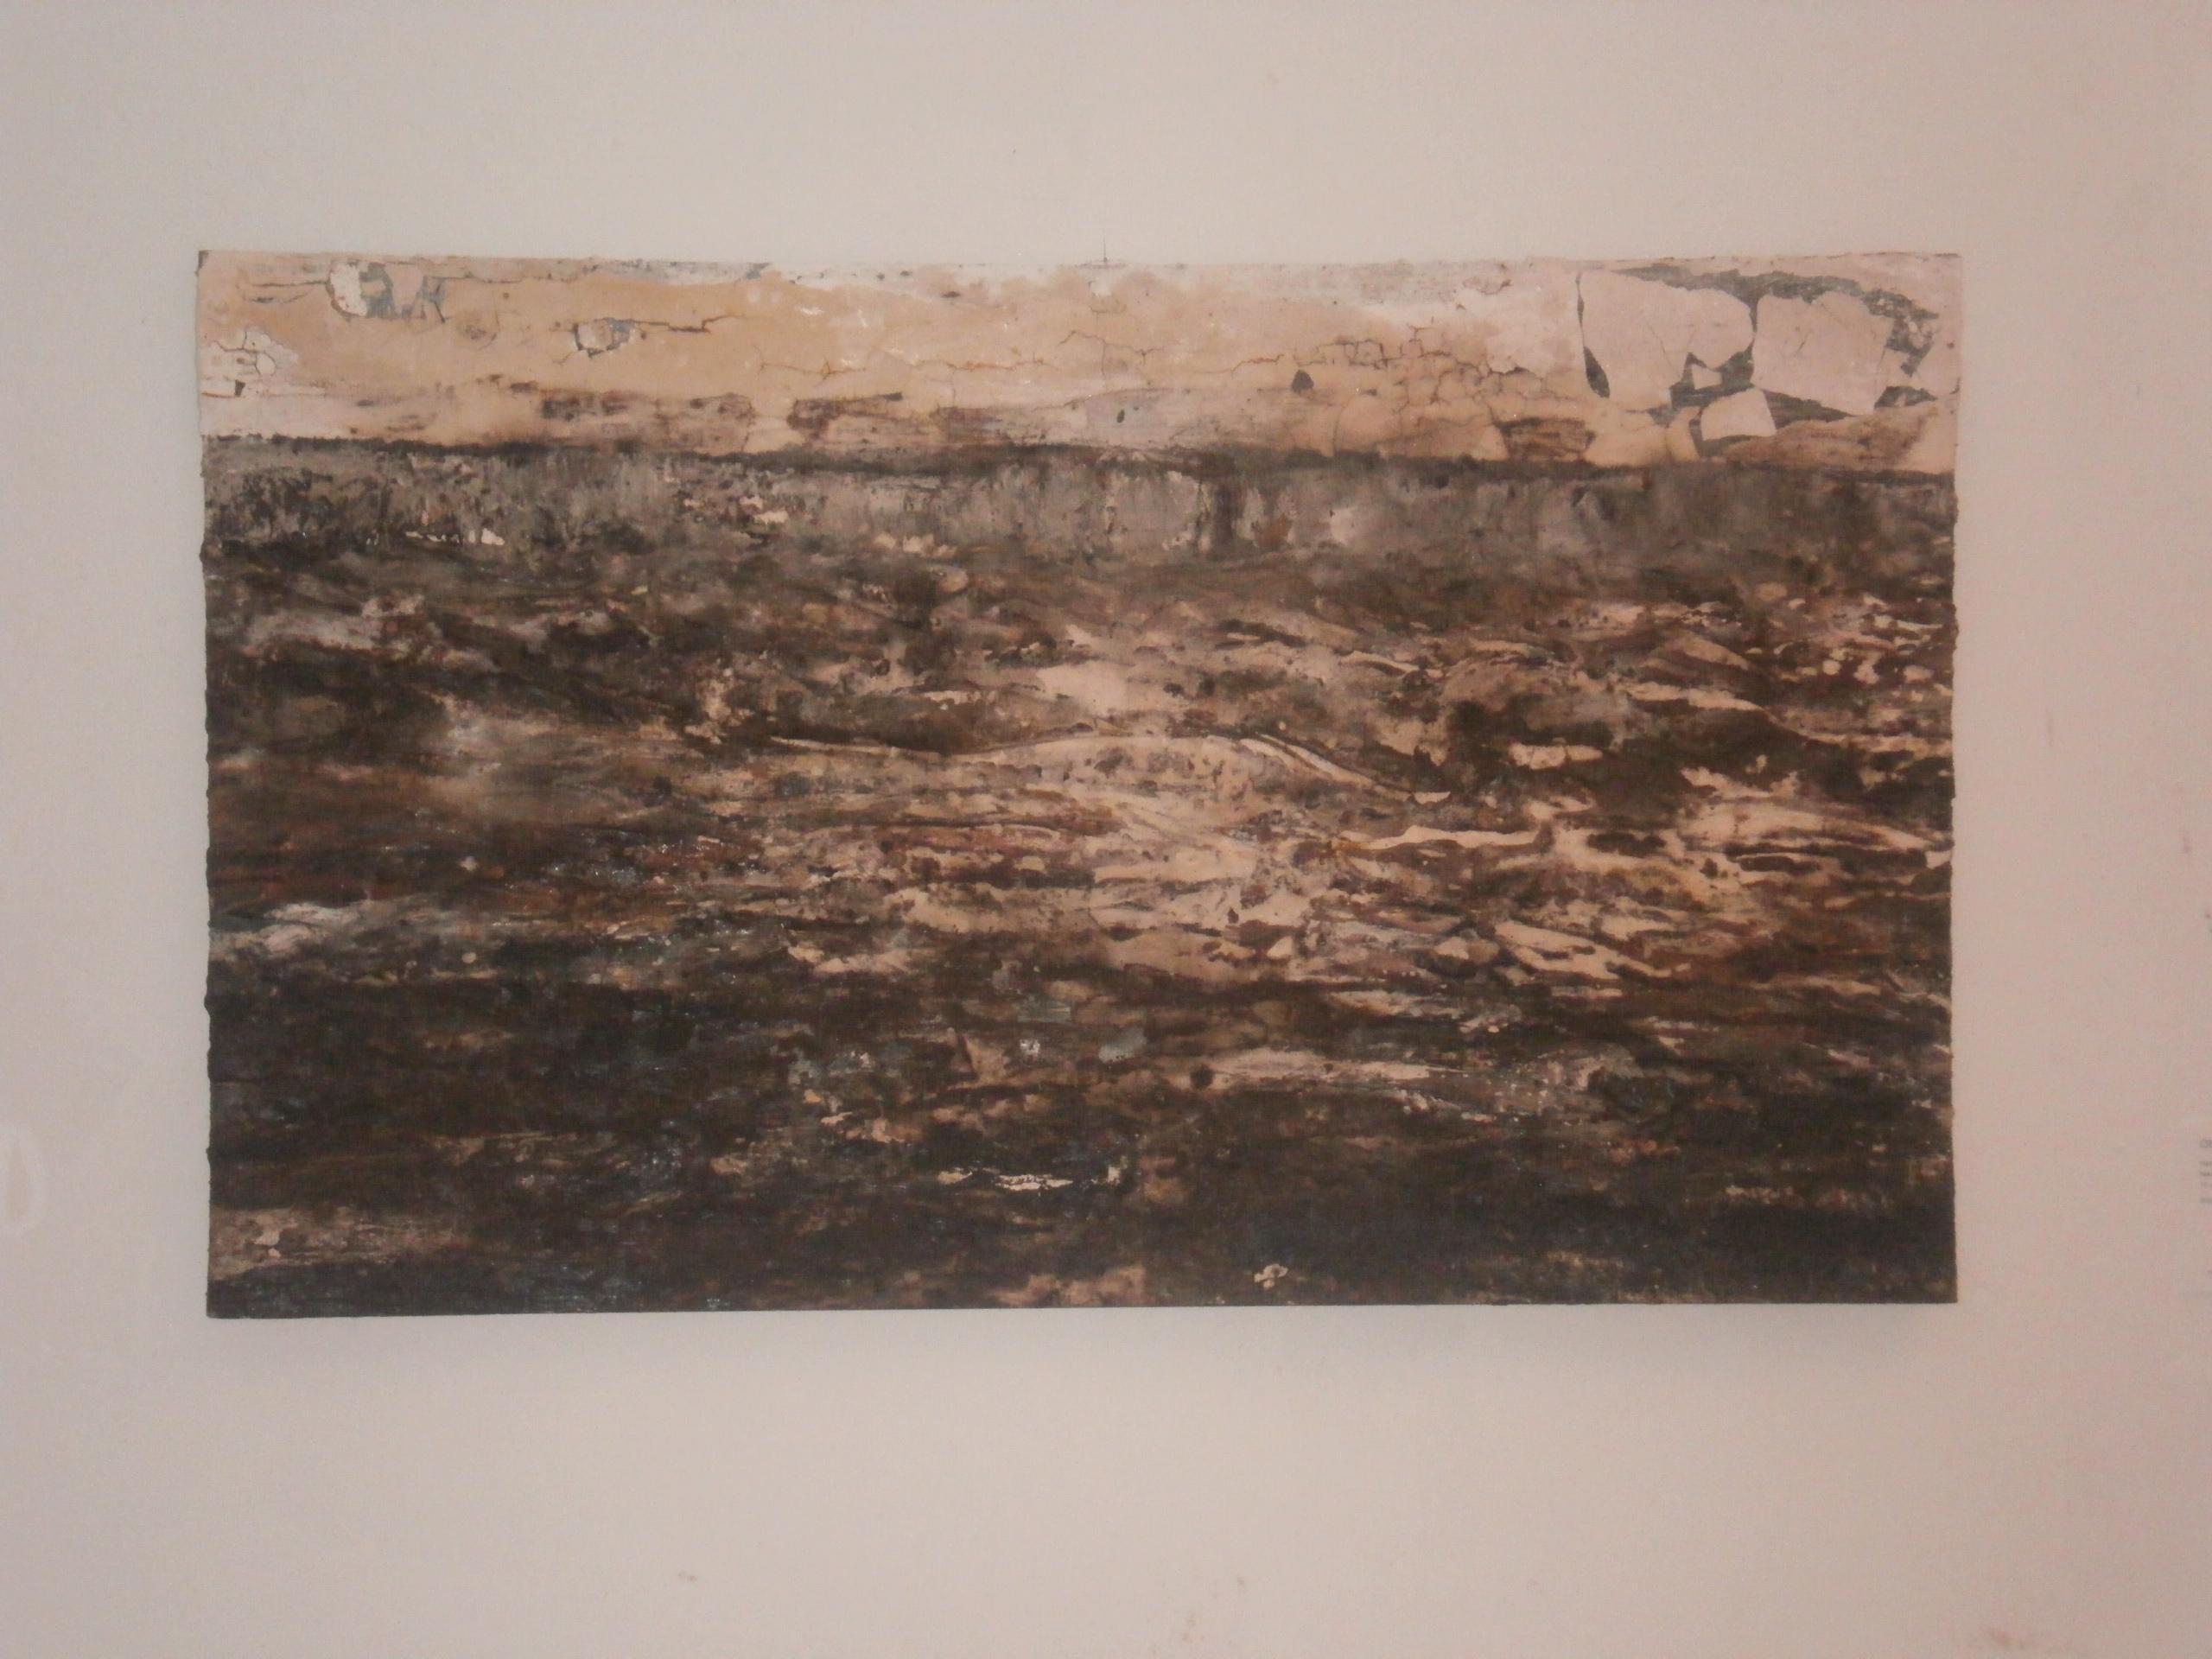 Gemälde des Burglengenfelder Künstlers Hannes Würdinger